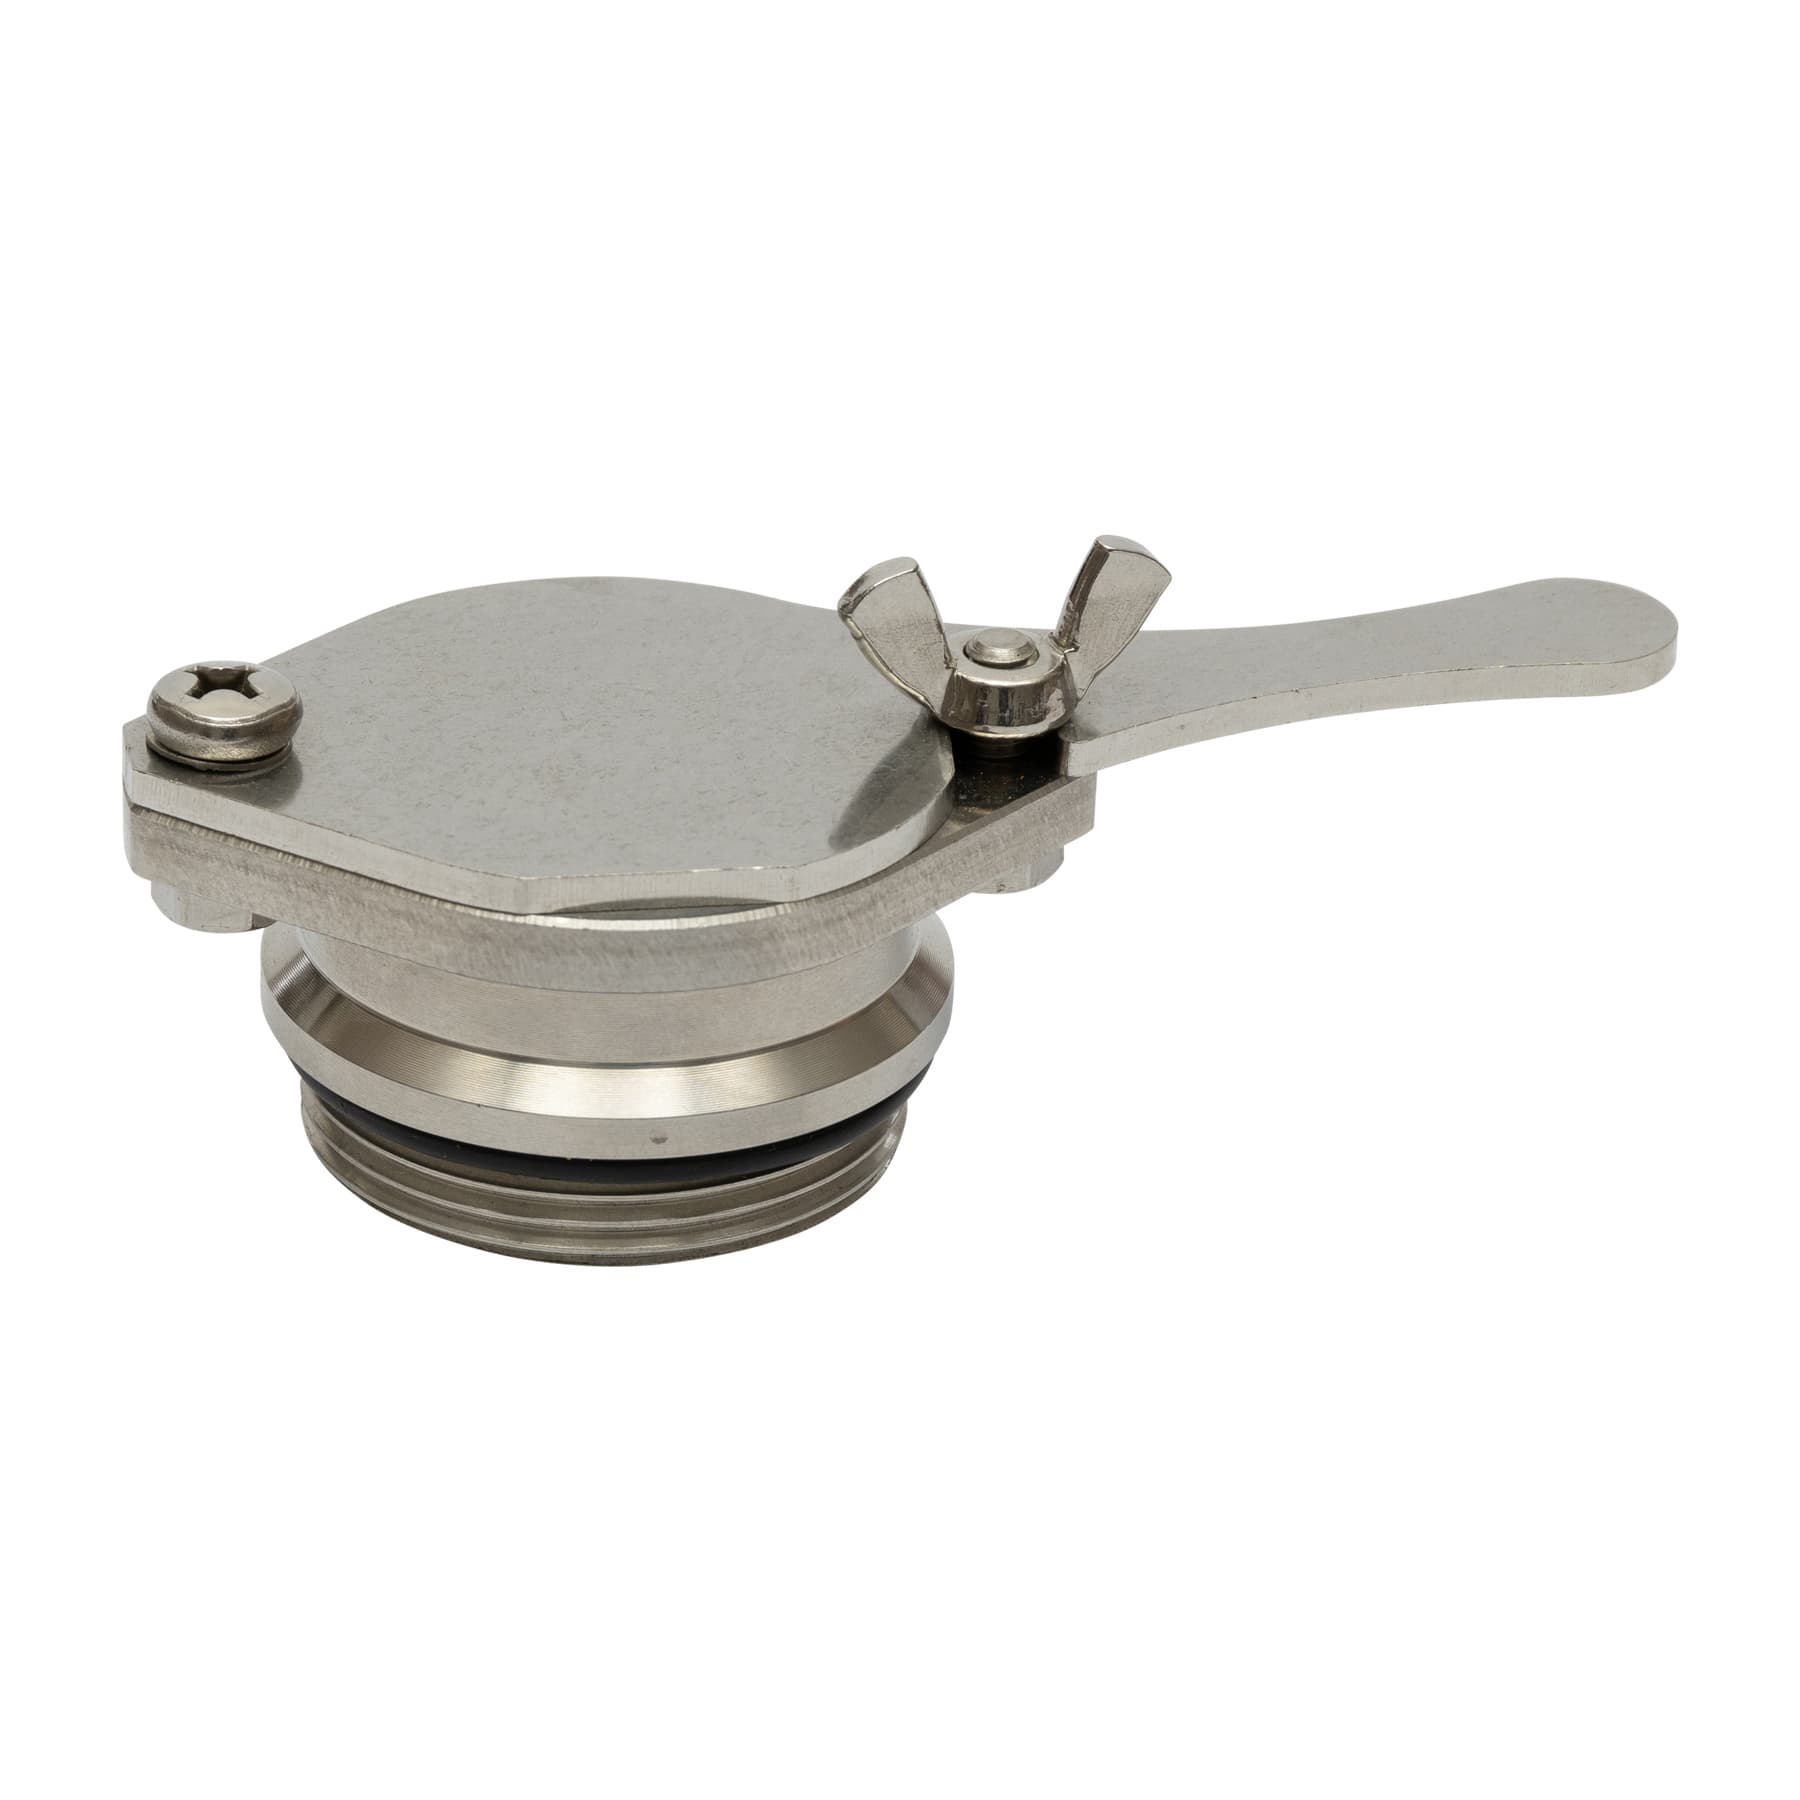 """Quetschhahn Edelsathl, Durchmesser 40 mm, 1,5 """" ohne Kontermutter, original lega Artikelnummer: 6370"""